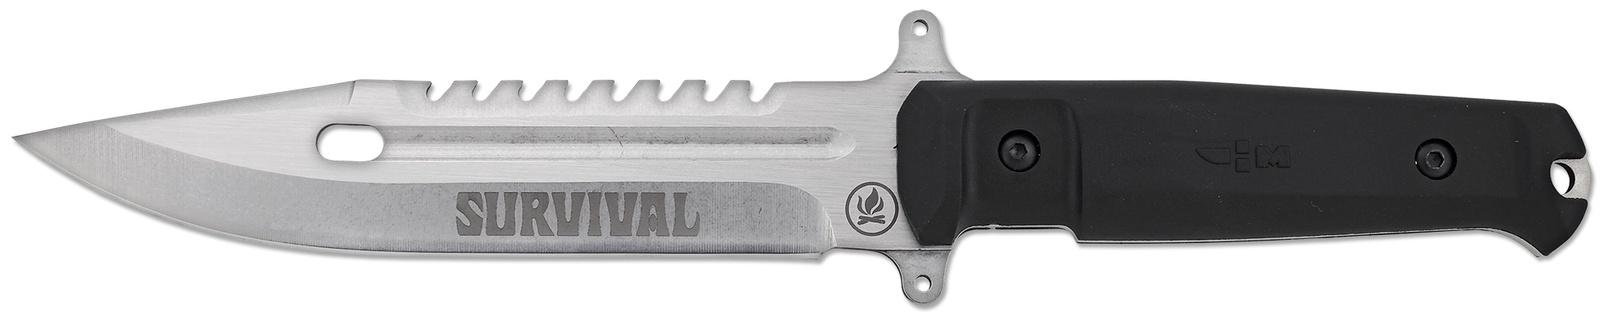 Нож выживания туристический цельнометаллический с нейлоновыми ножнами Ножемир Survival H-193